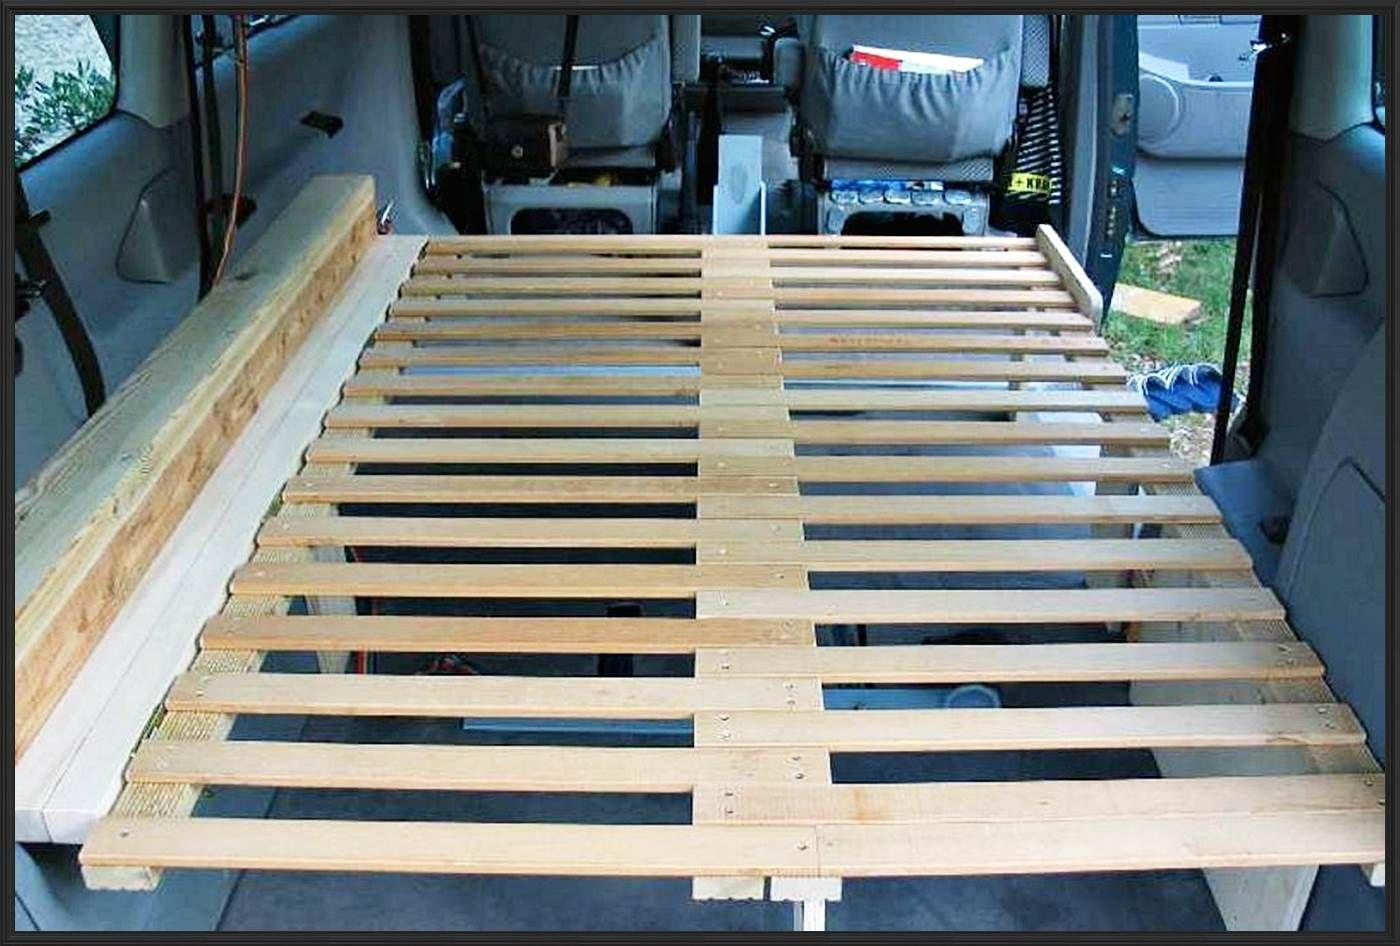 Full Size of Ausziehbares Bett Selber Bauenjpg 1400946 Vw Bus Ausbau Mit Ausziehbett Wohnzimmer Ausziehbett Camper